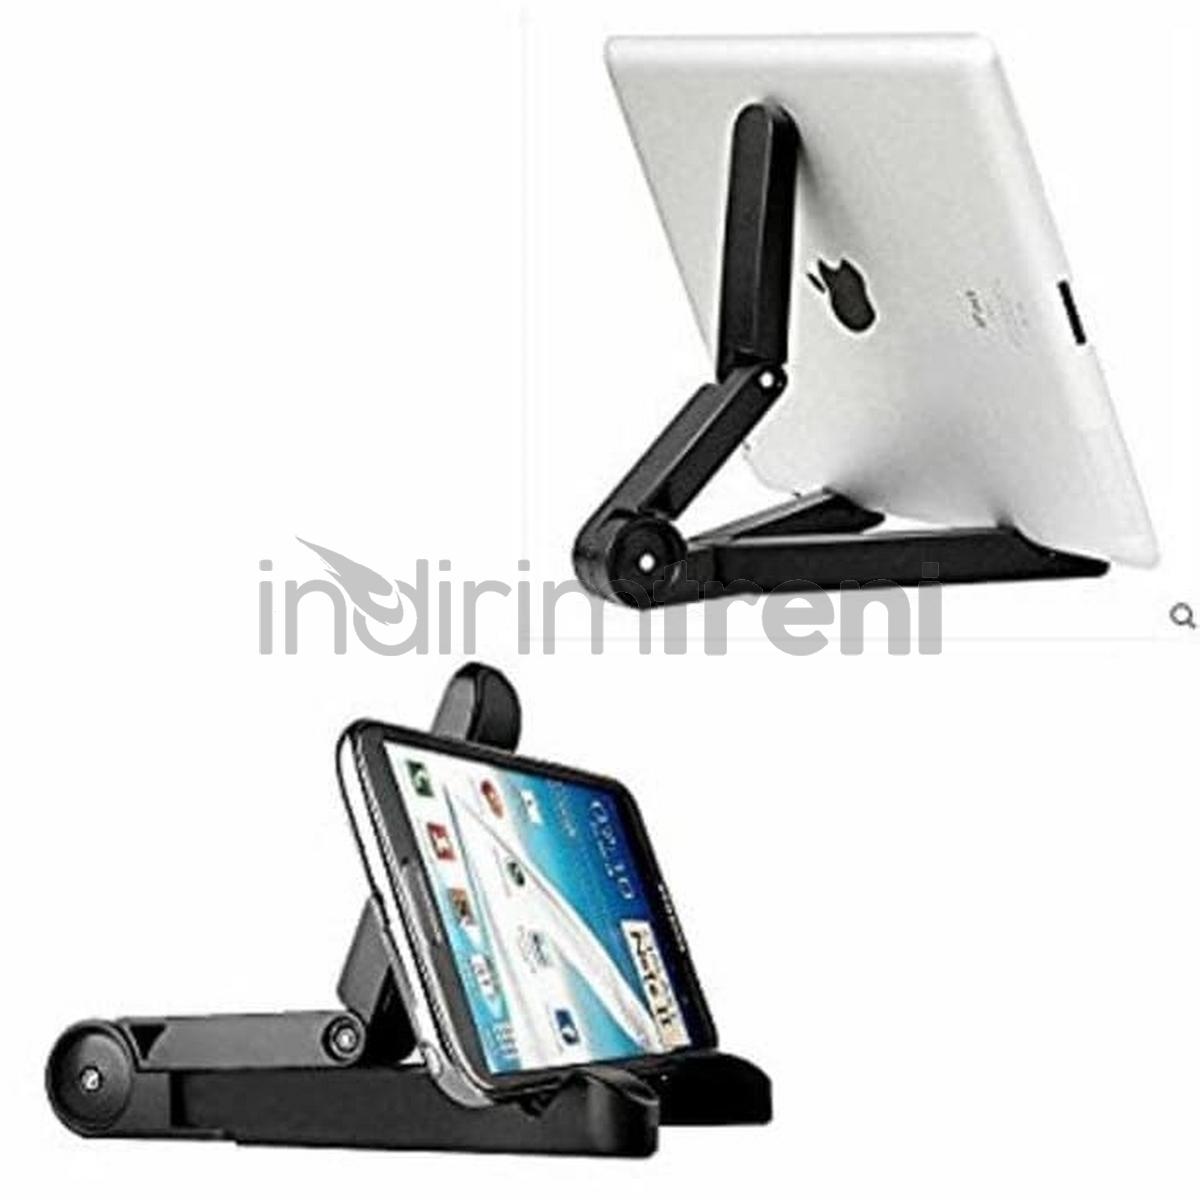 Çok İşlevli Cep Telefonu ve Tablet Masaüstü Standı